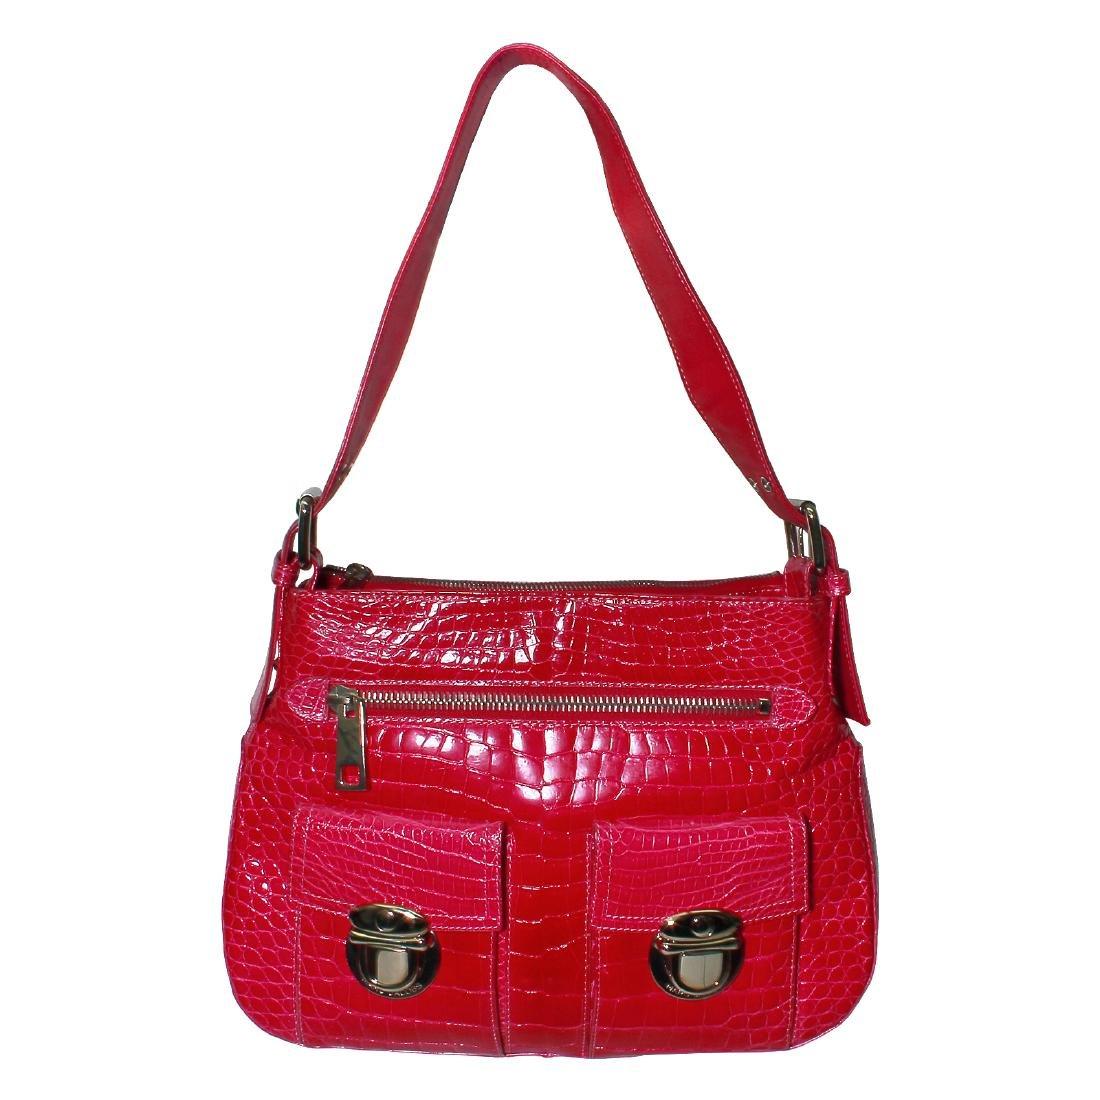 Marc Jacobs Designer Pink Leather Bag